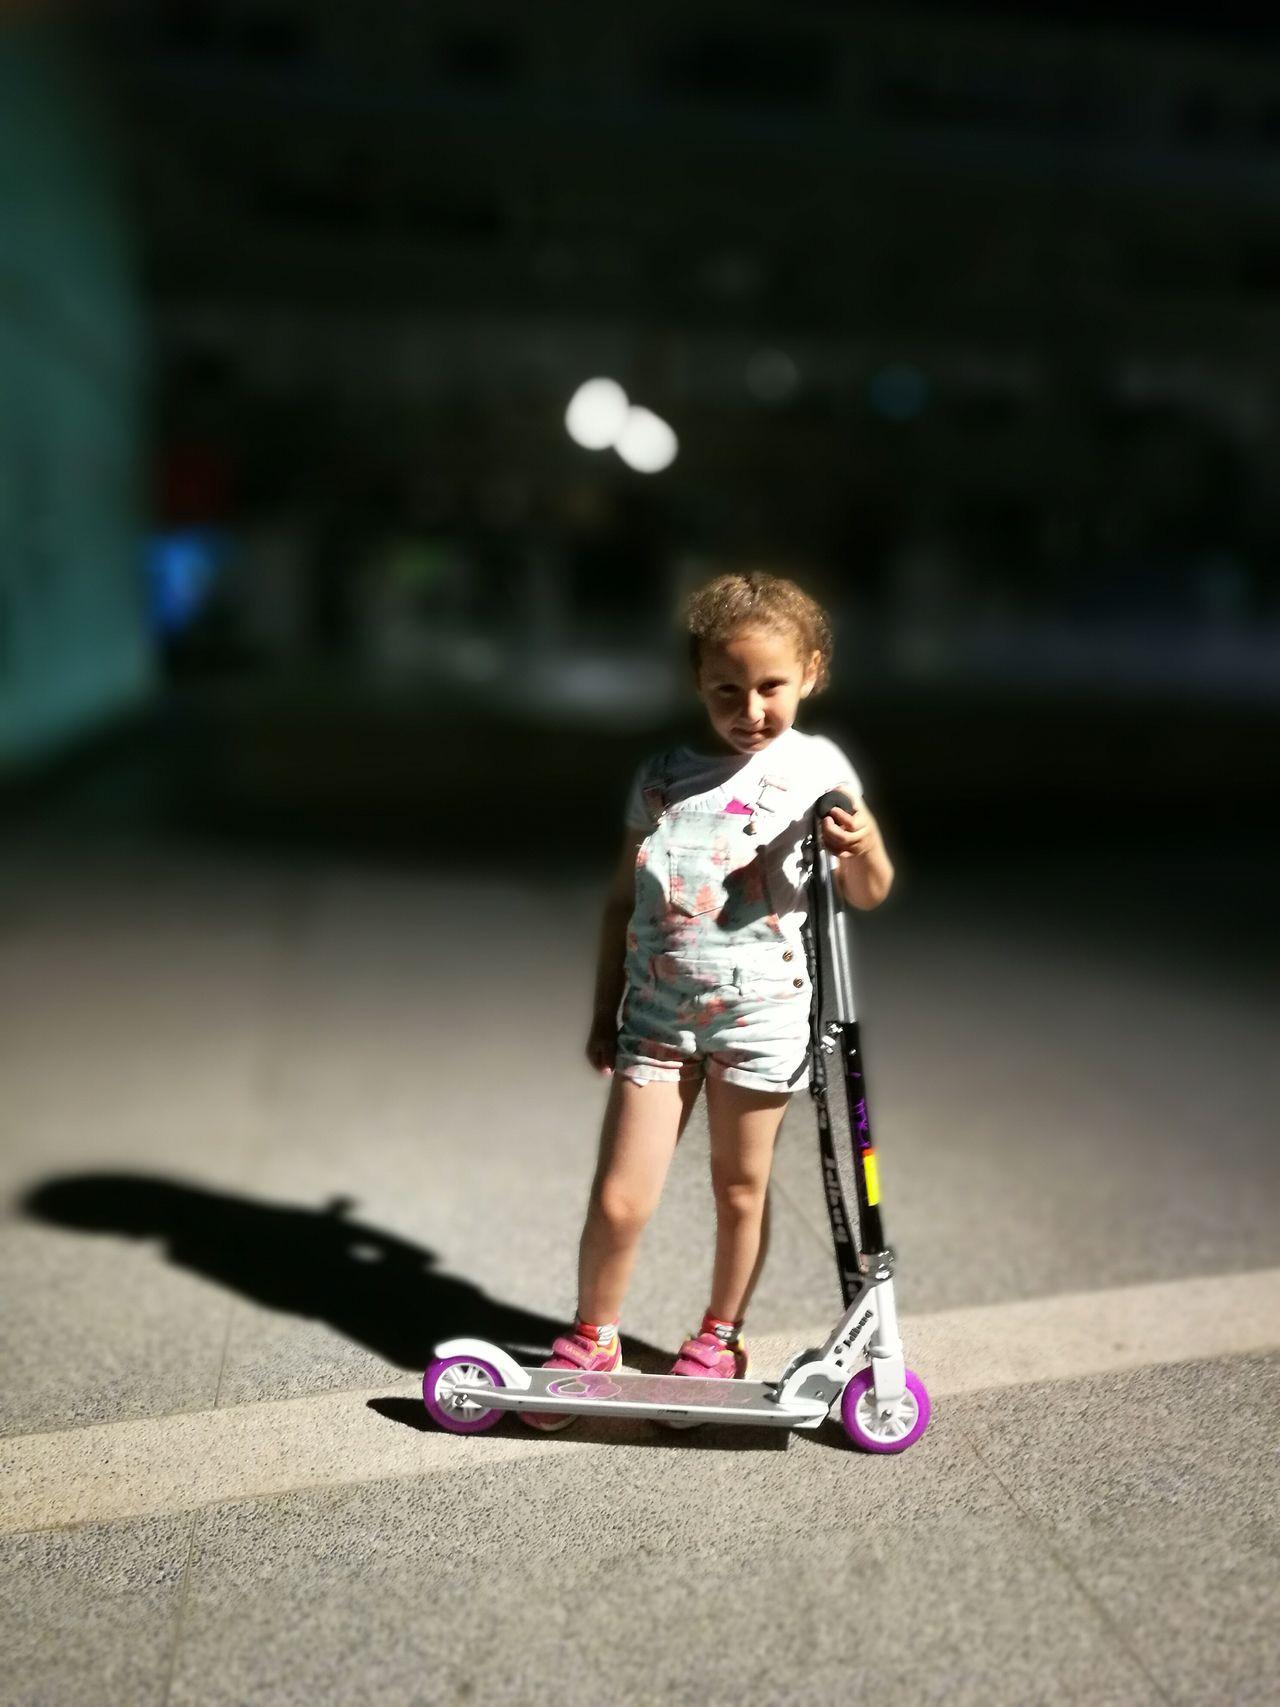 Childhood Lifestyles Child Children Only Outdoors Skater Girl Skatelife Dof Addicts Shallowdof